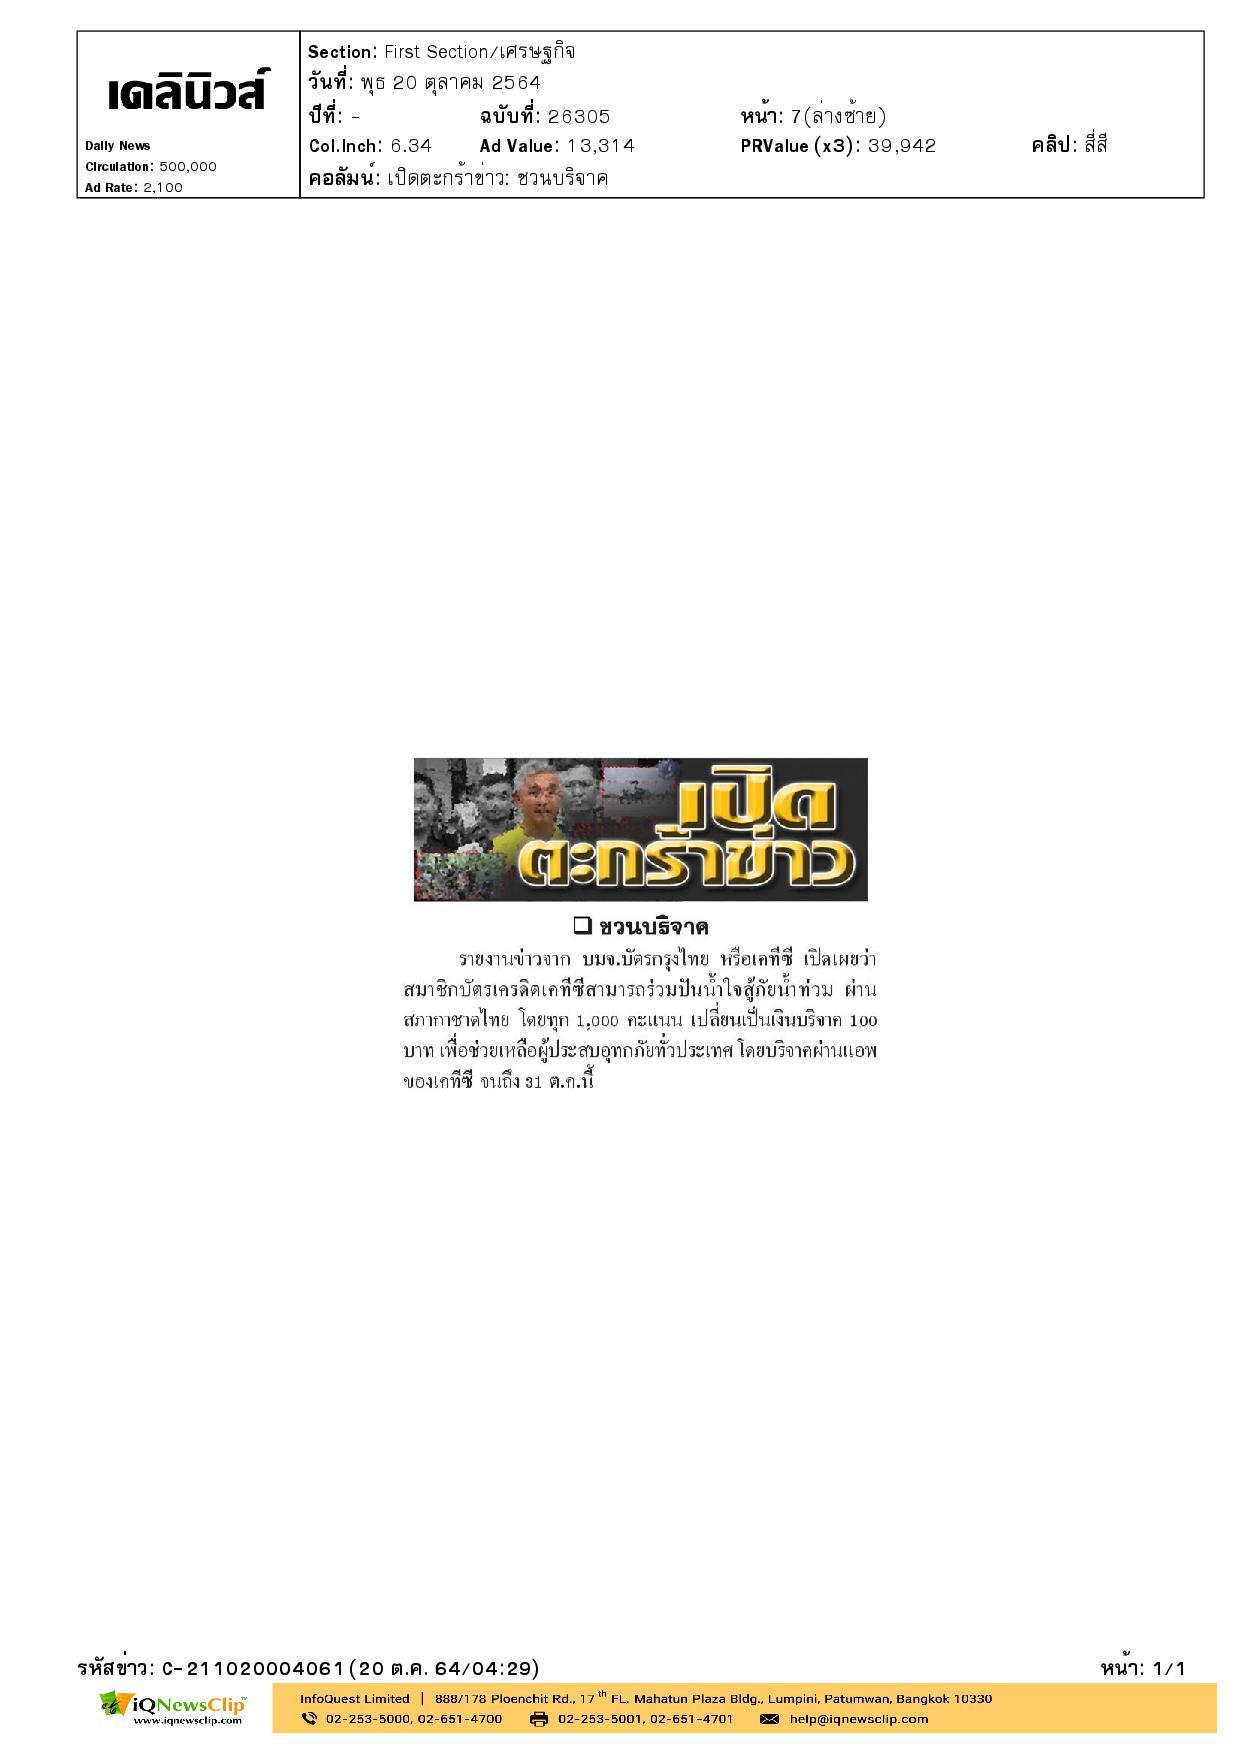 เคทีซี ปันน้ำใจสู้ภัยน้ำท่วมผ่านสภากาชาดไทย